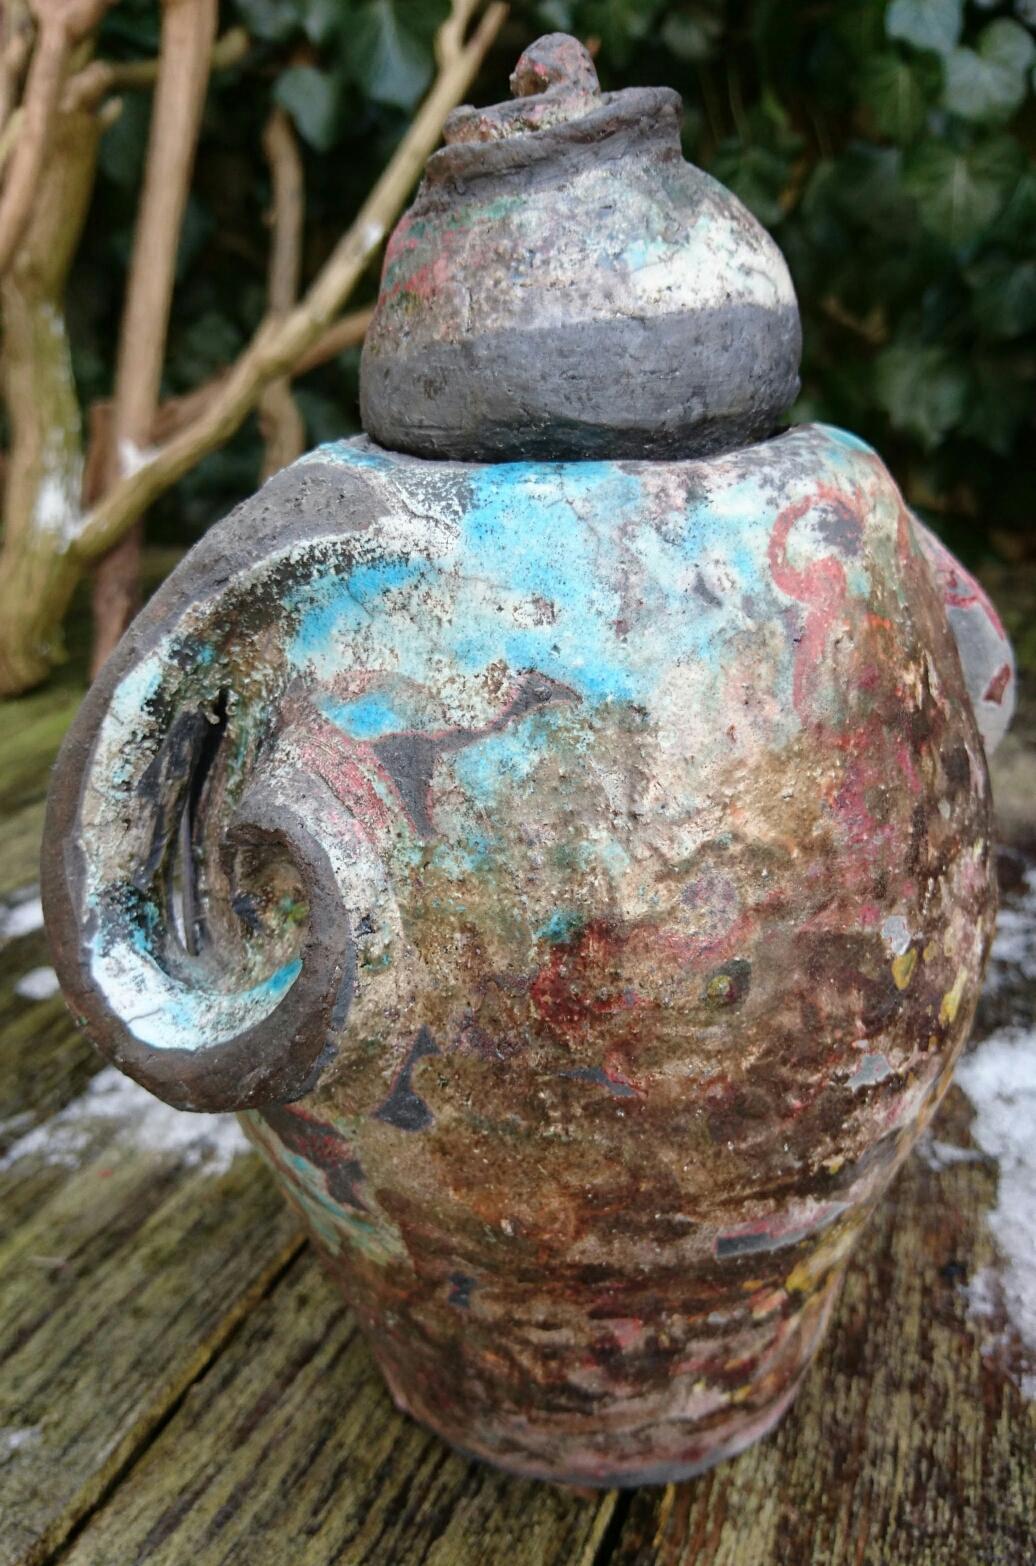 Big curled eared raku pot